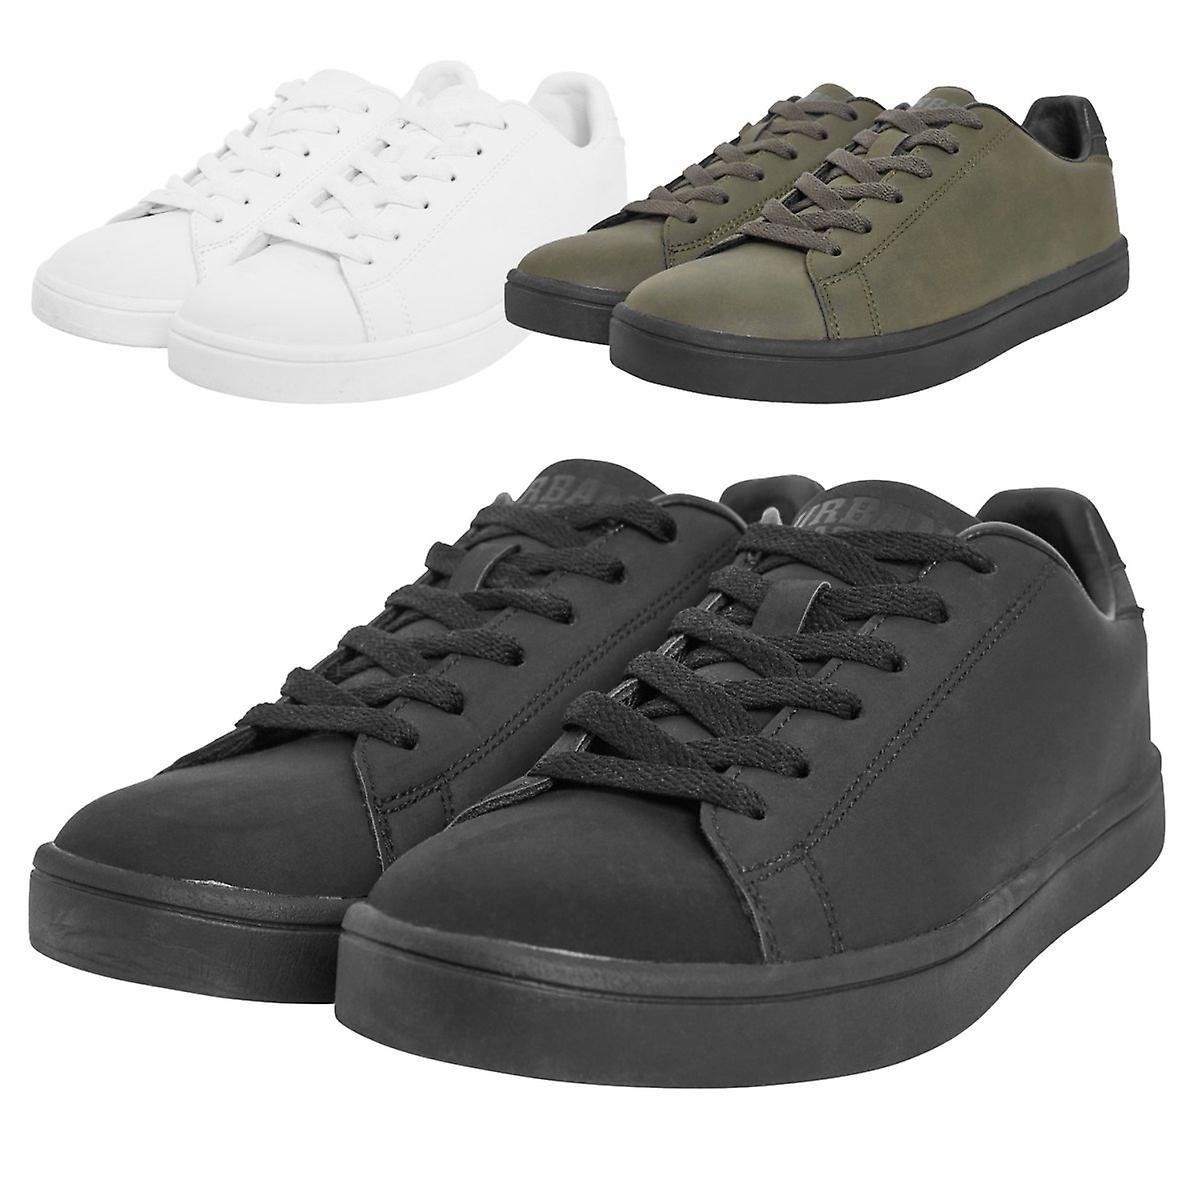 Urbains classics - chaussures baskets unisexe d'été